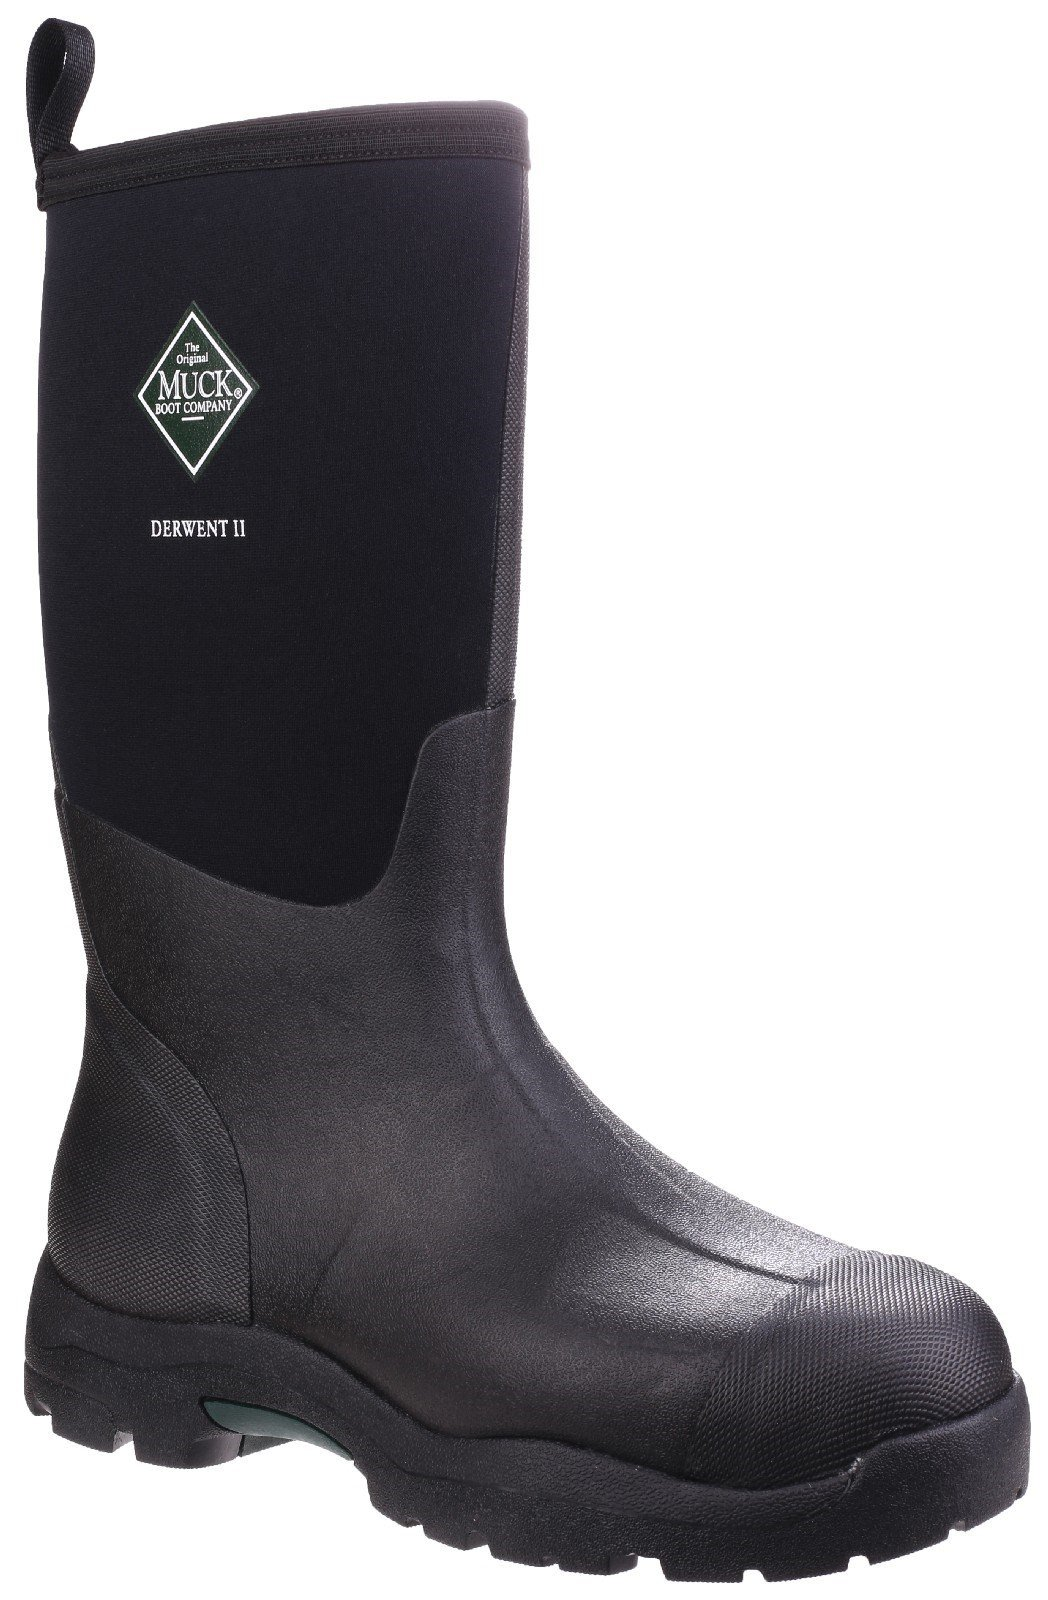 Muck Boots Unisex Derwent II All Purpose Field Boot Black 25888 - Black 4